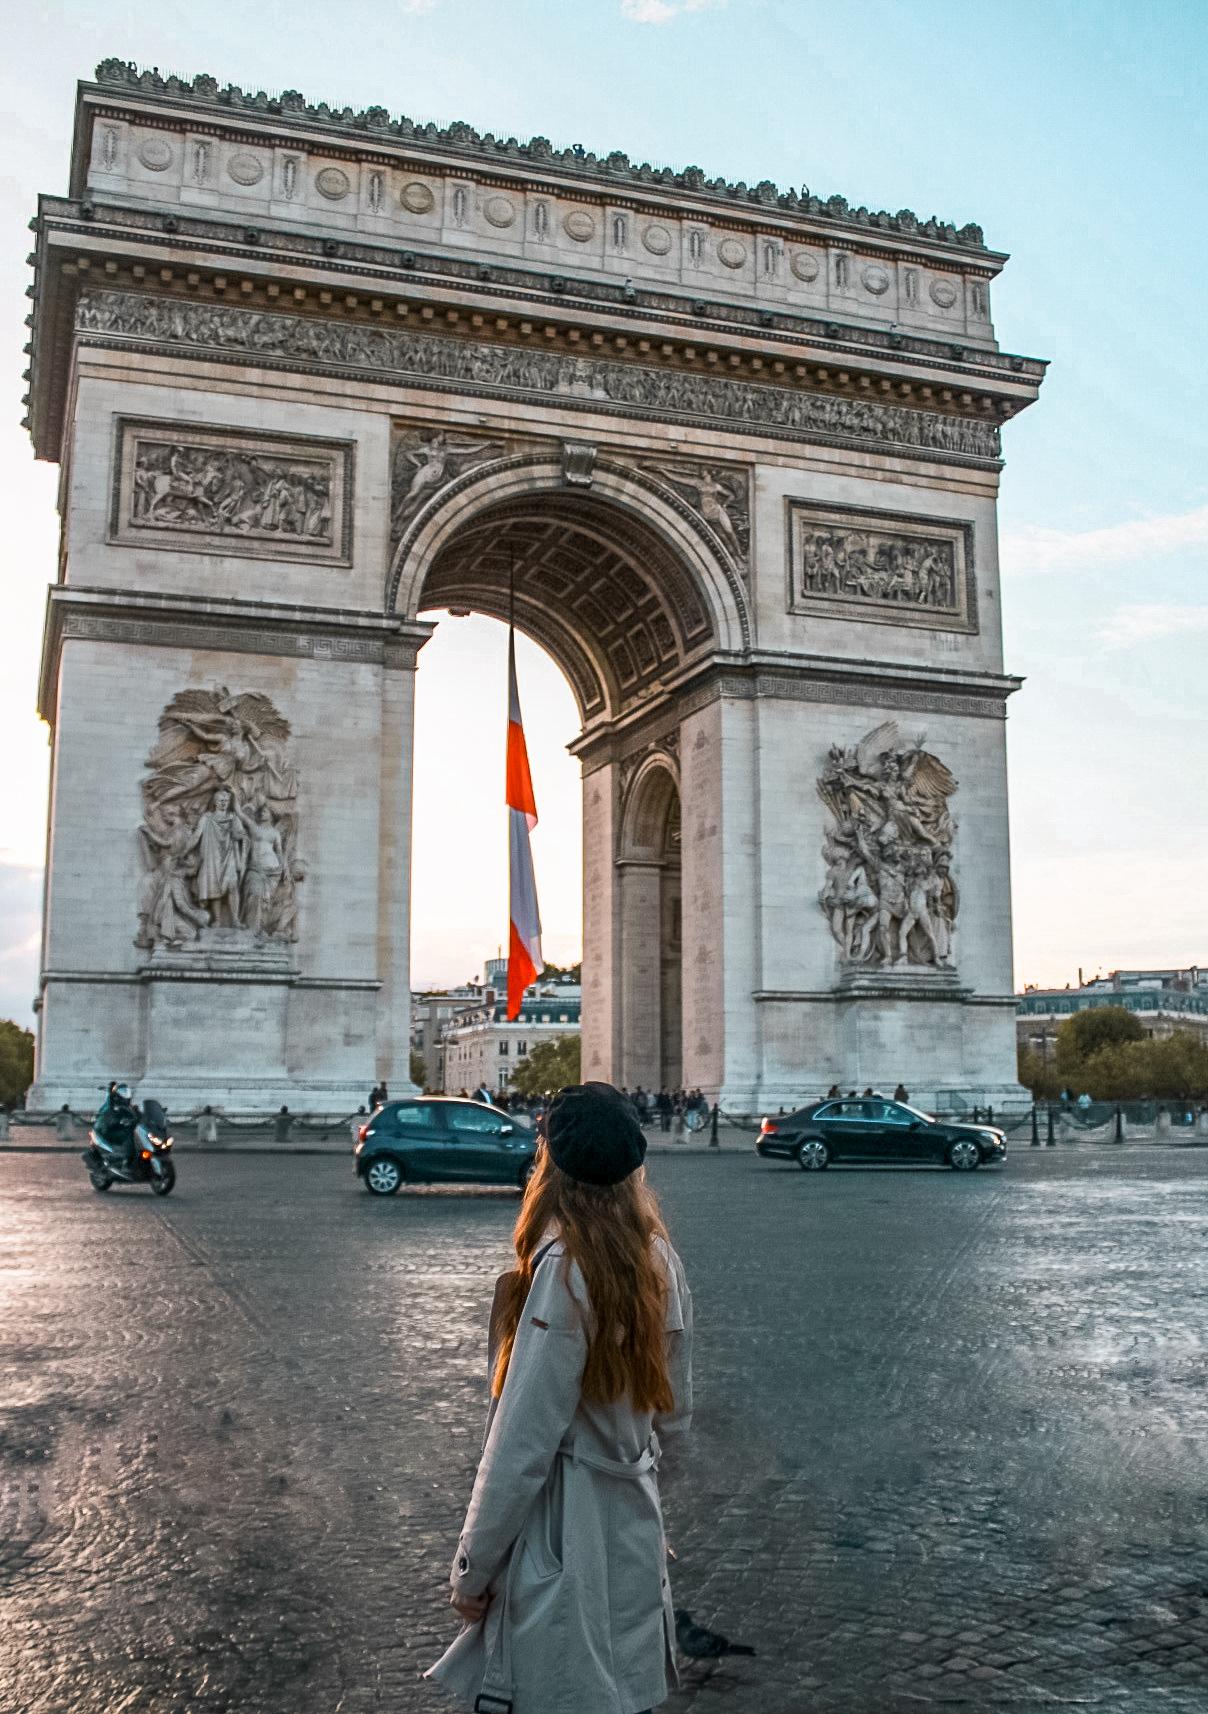 Arc de triomphe Top 10 Photo Spots in Paris